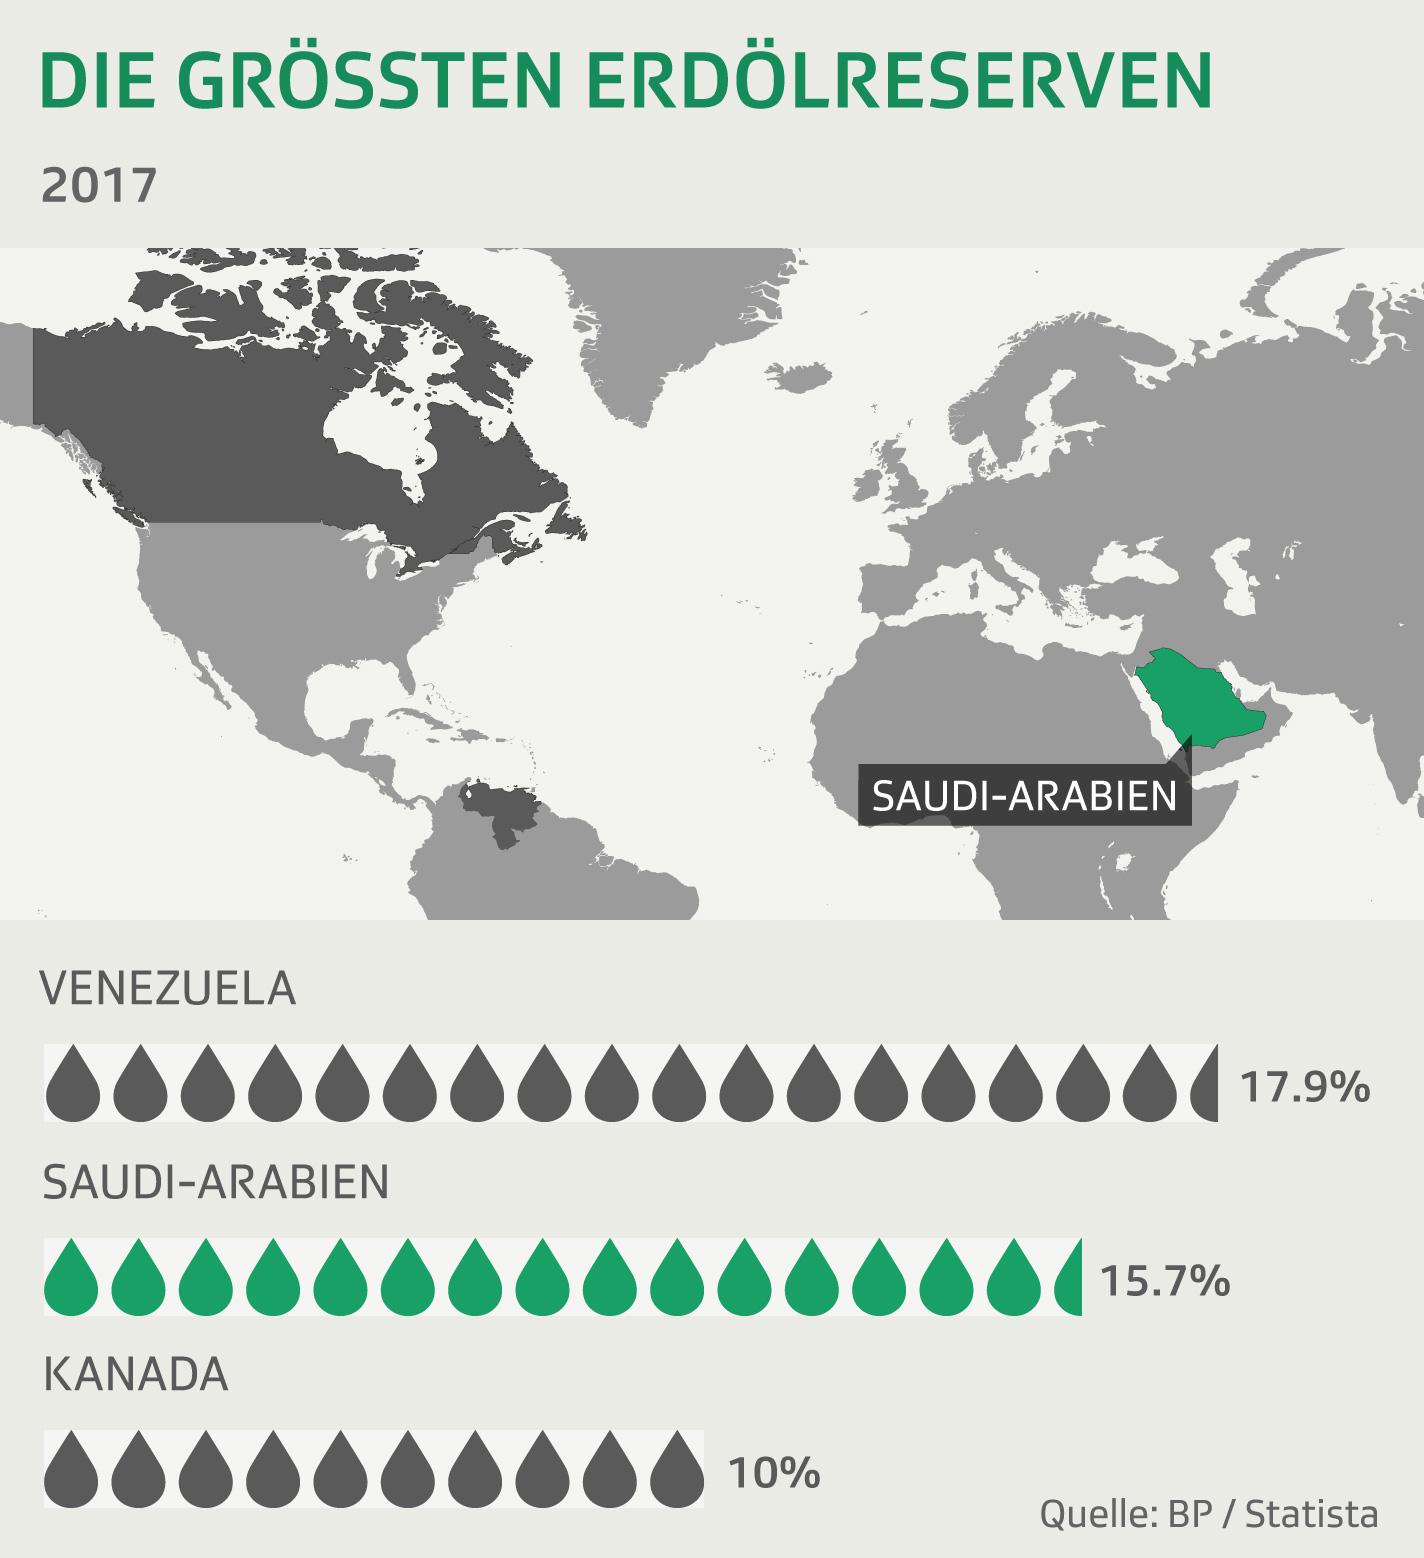 Erdölreserven weltweit 2017